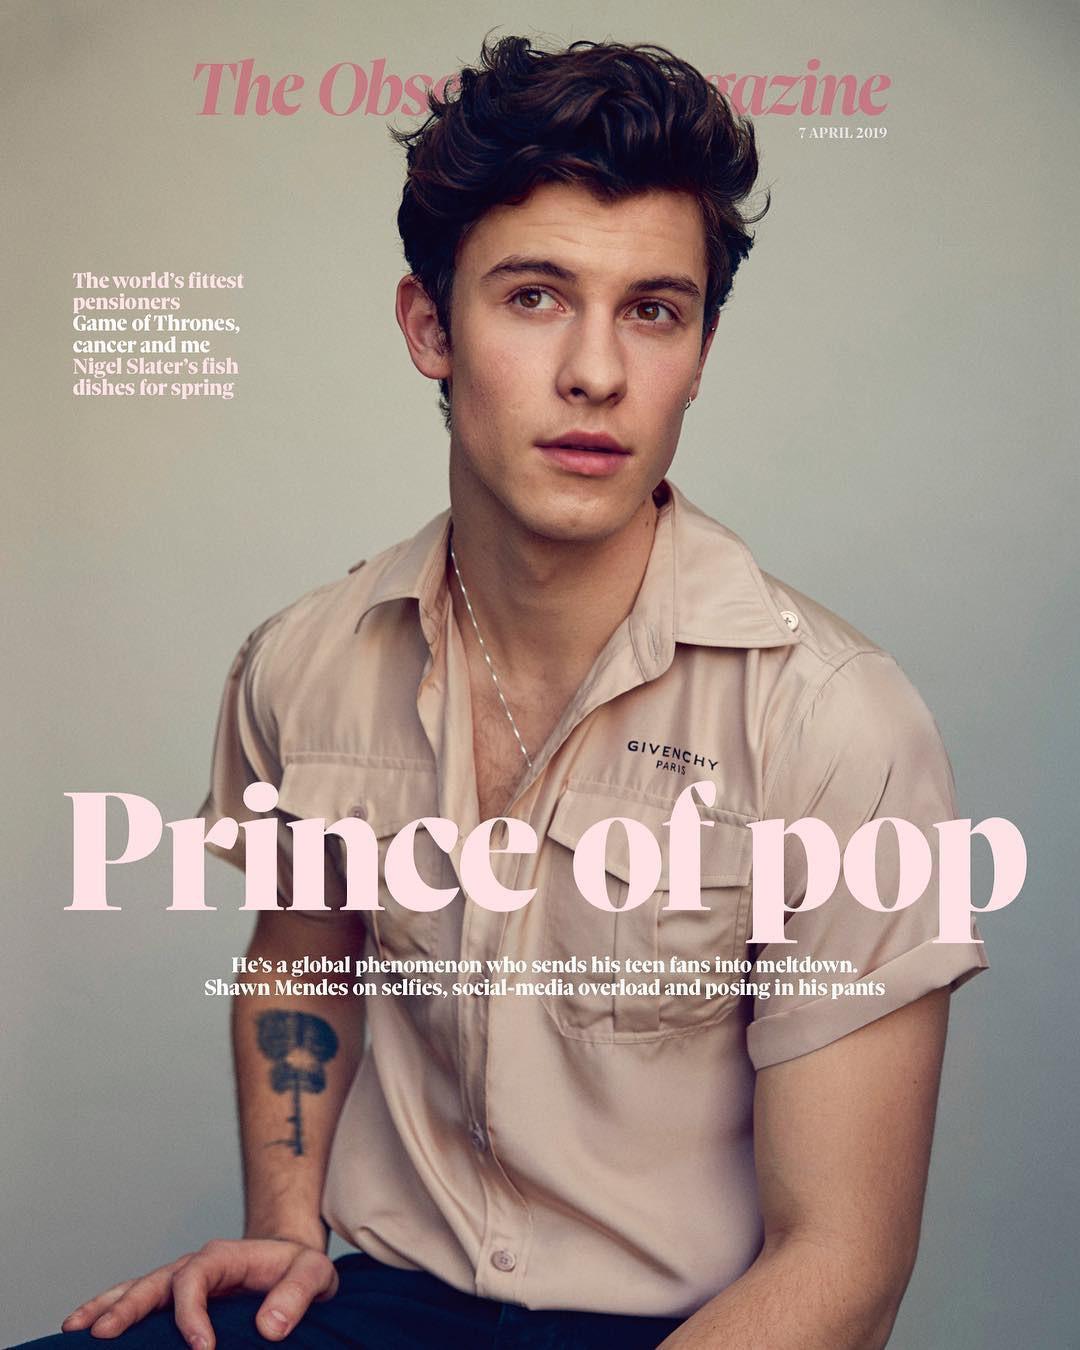 """""""Tình cũ của Hailey"""" Shawn Mendes vừa mới đăng ảnh nhận làm """"Hoàng tử nhạc Pop"""", Justin Bieber lập tức vào bình luận sân si ngay được - Ảnh 1."""